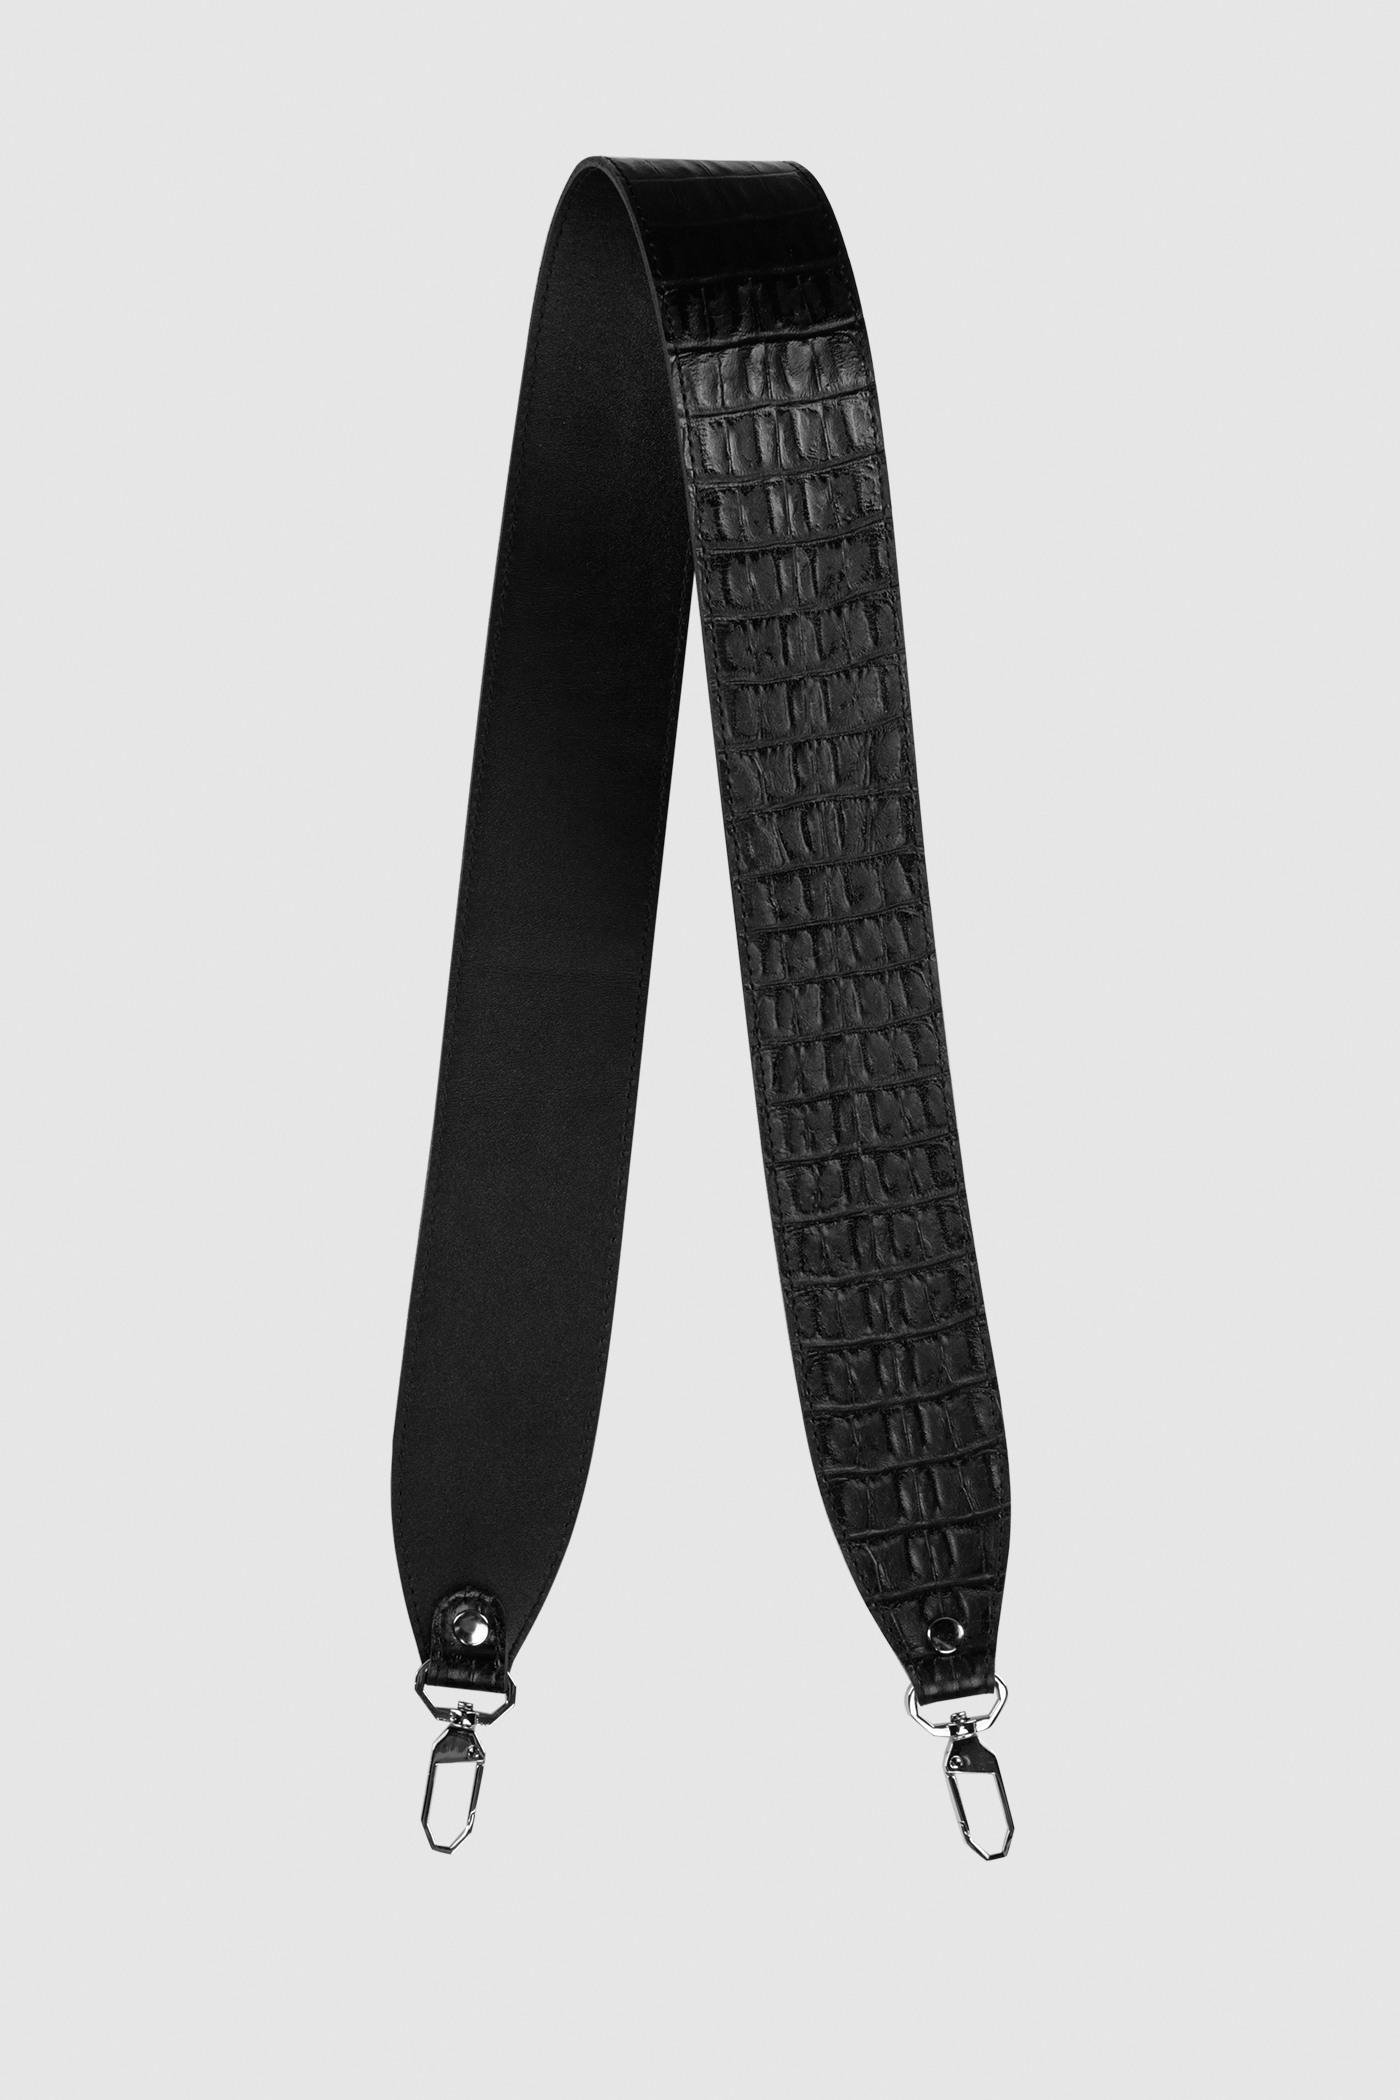 Ремешок на сумкуРемень широкий на двух карабинах из плотной натуральной кожи. Подходит к ряду моделей сумок.&#13;<br>&#13;<br>Размеры&#13;<br>Длина: 80 см&#13;<br>Ширина: 5 см<br><br>Цвет: Чёрный крокодил